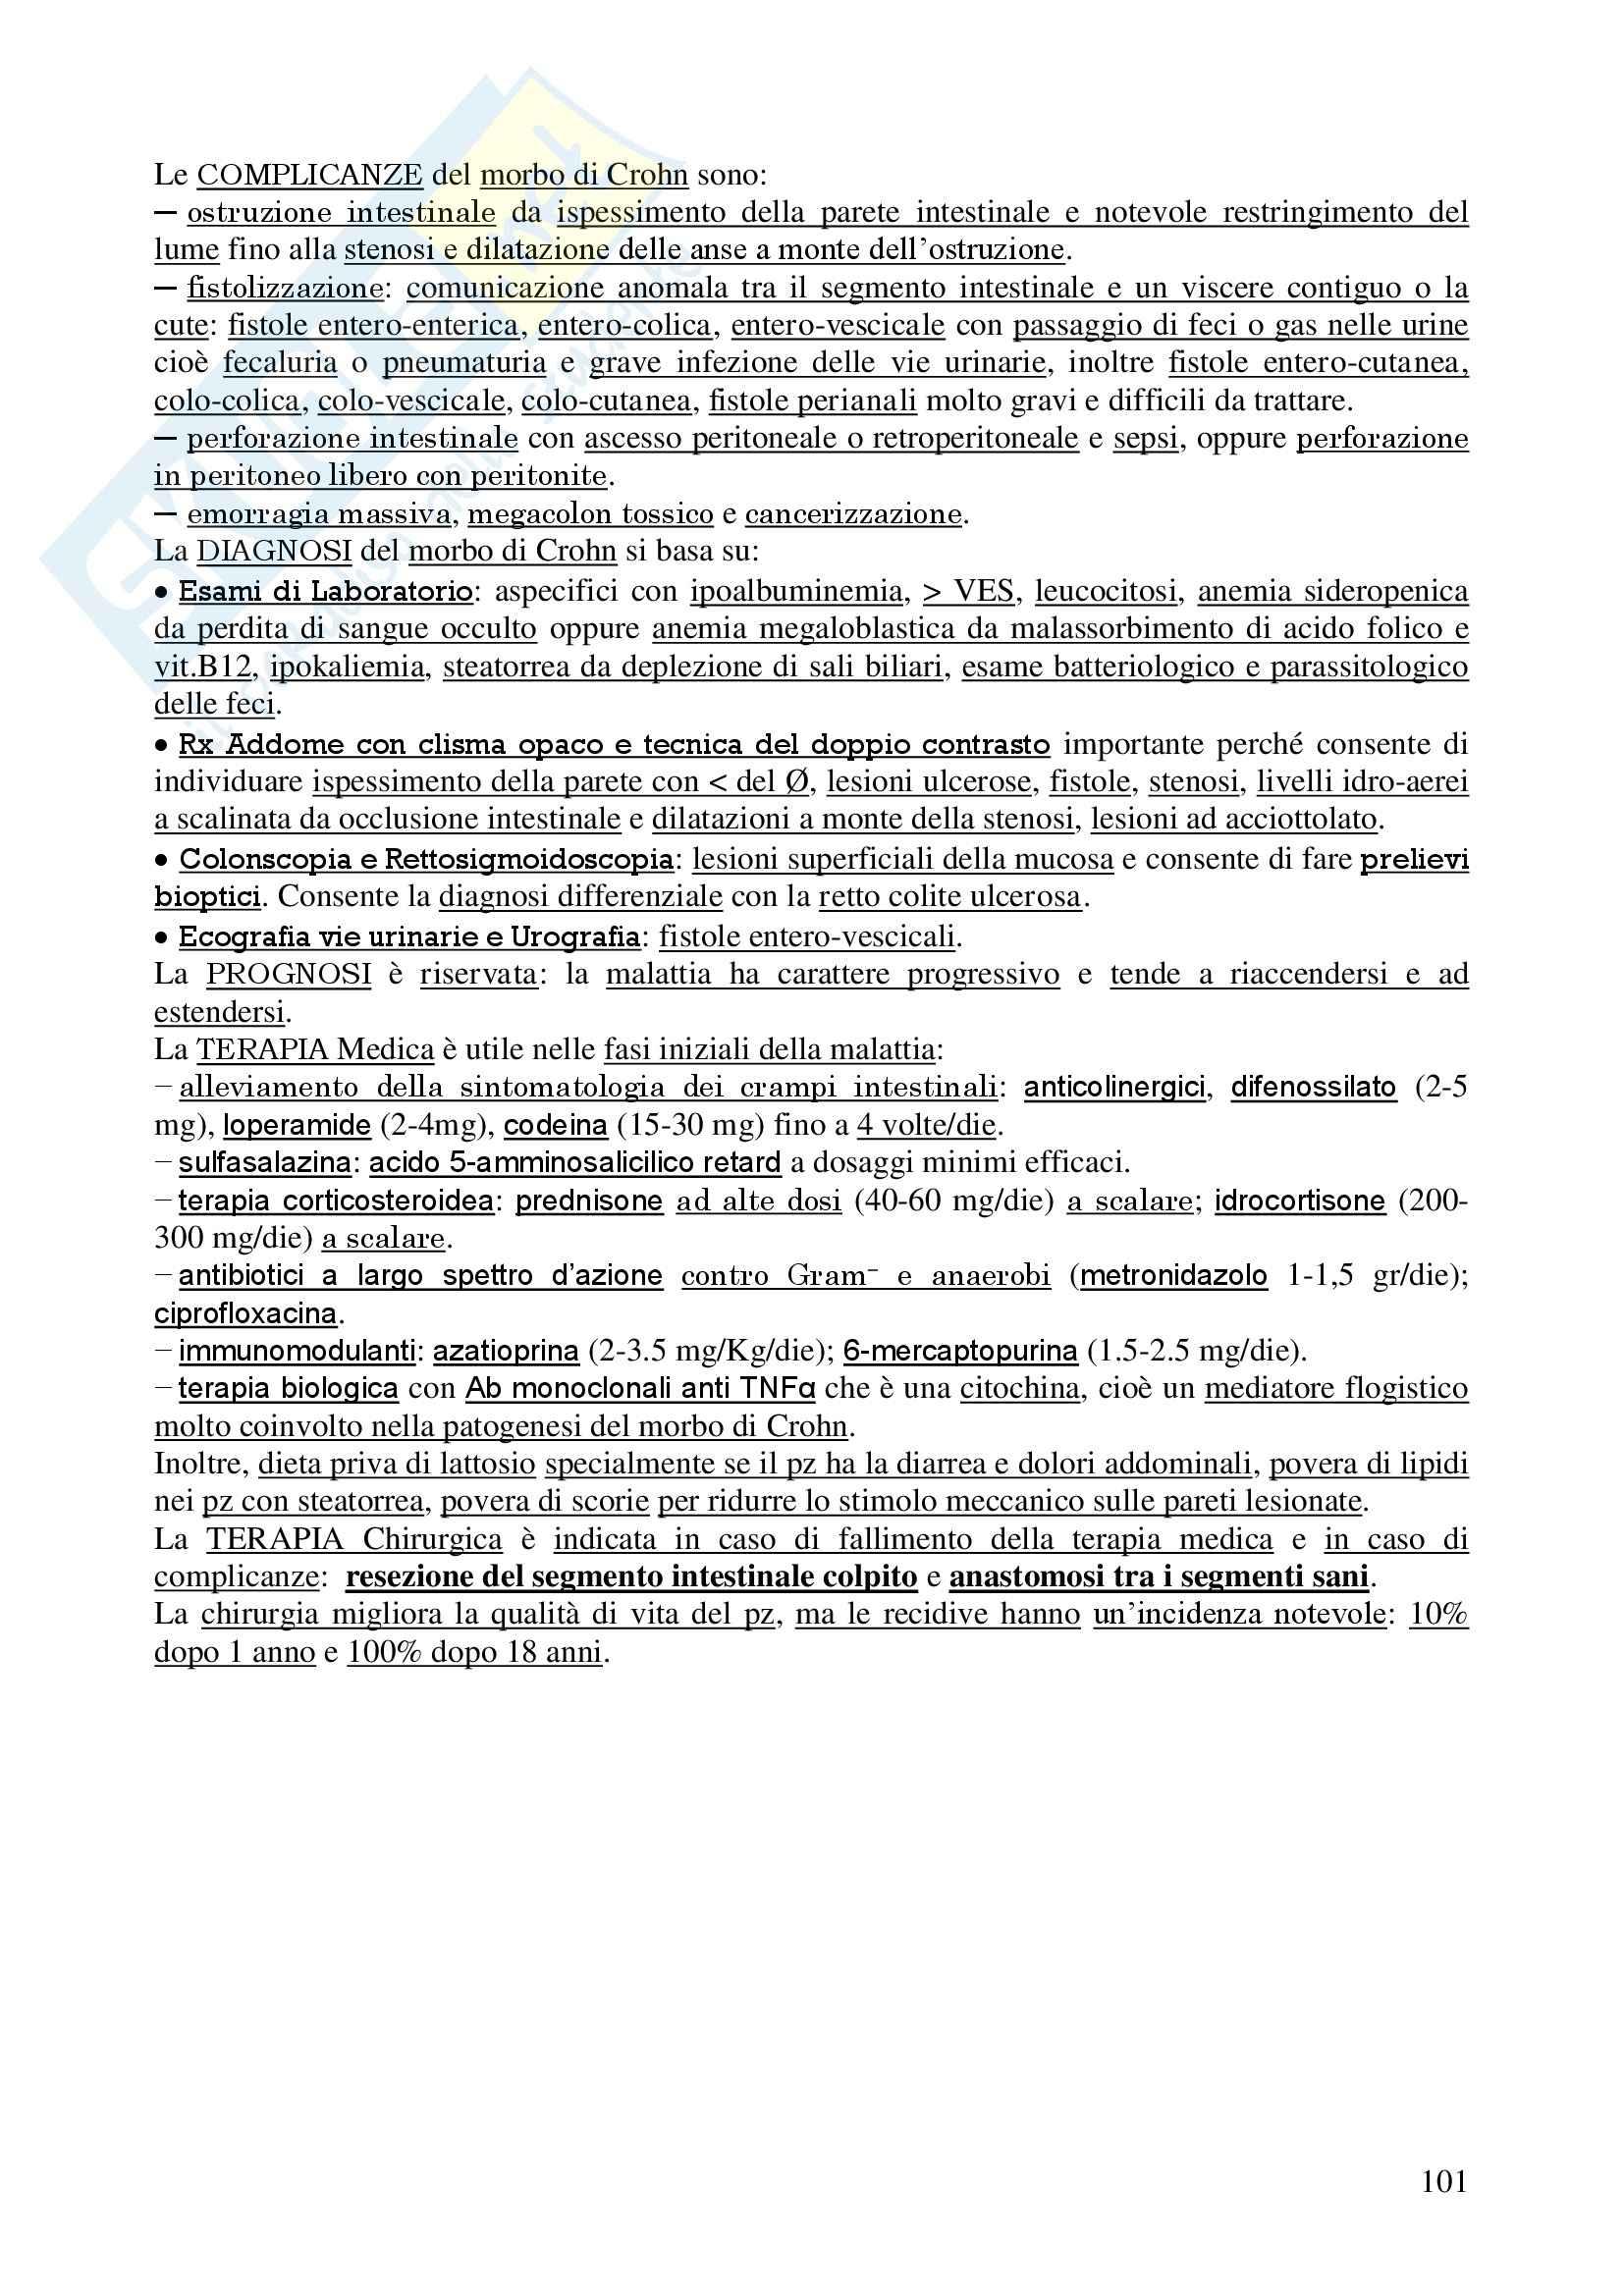 Chirurgia - chirurgia generale - Appunti Pag. 101